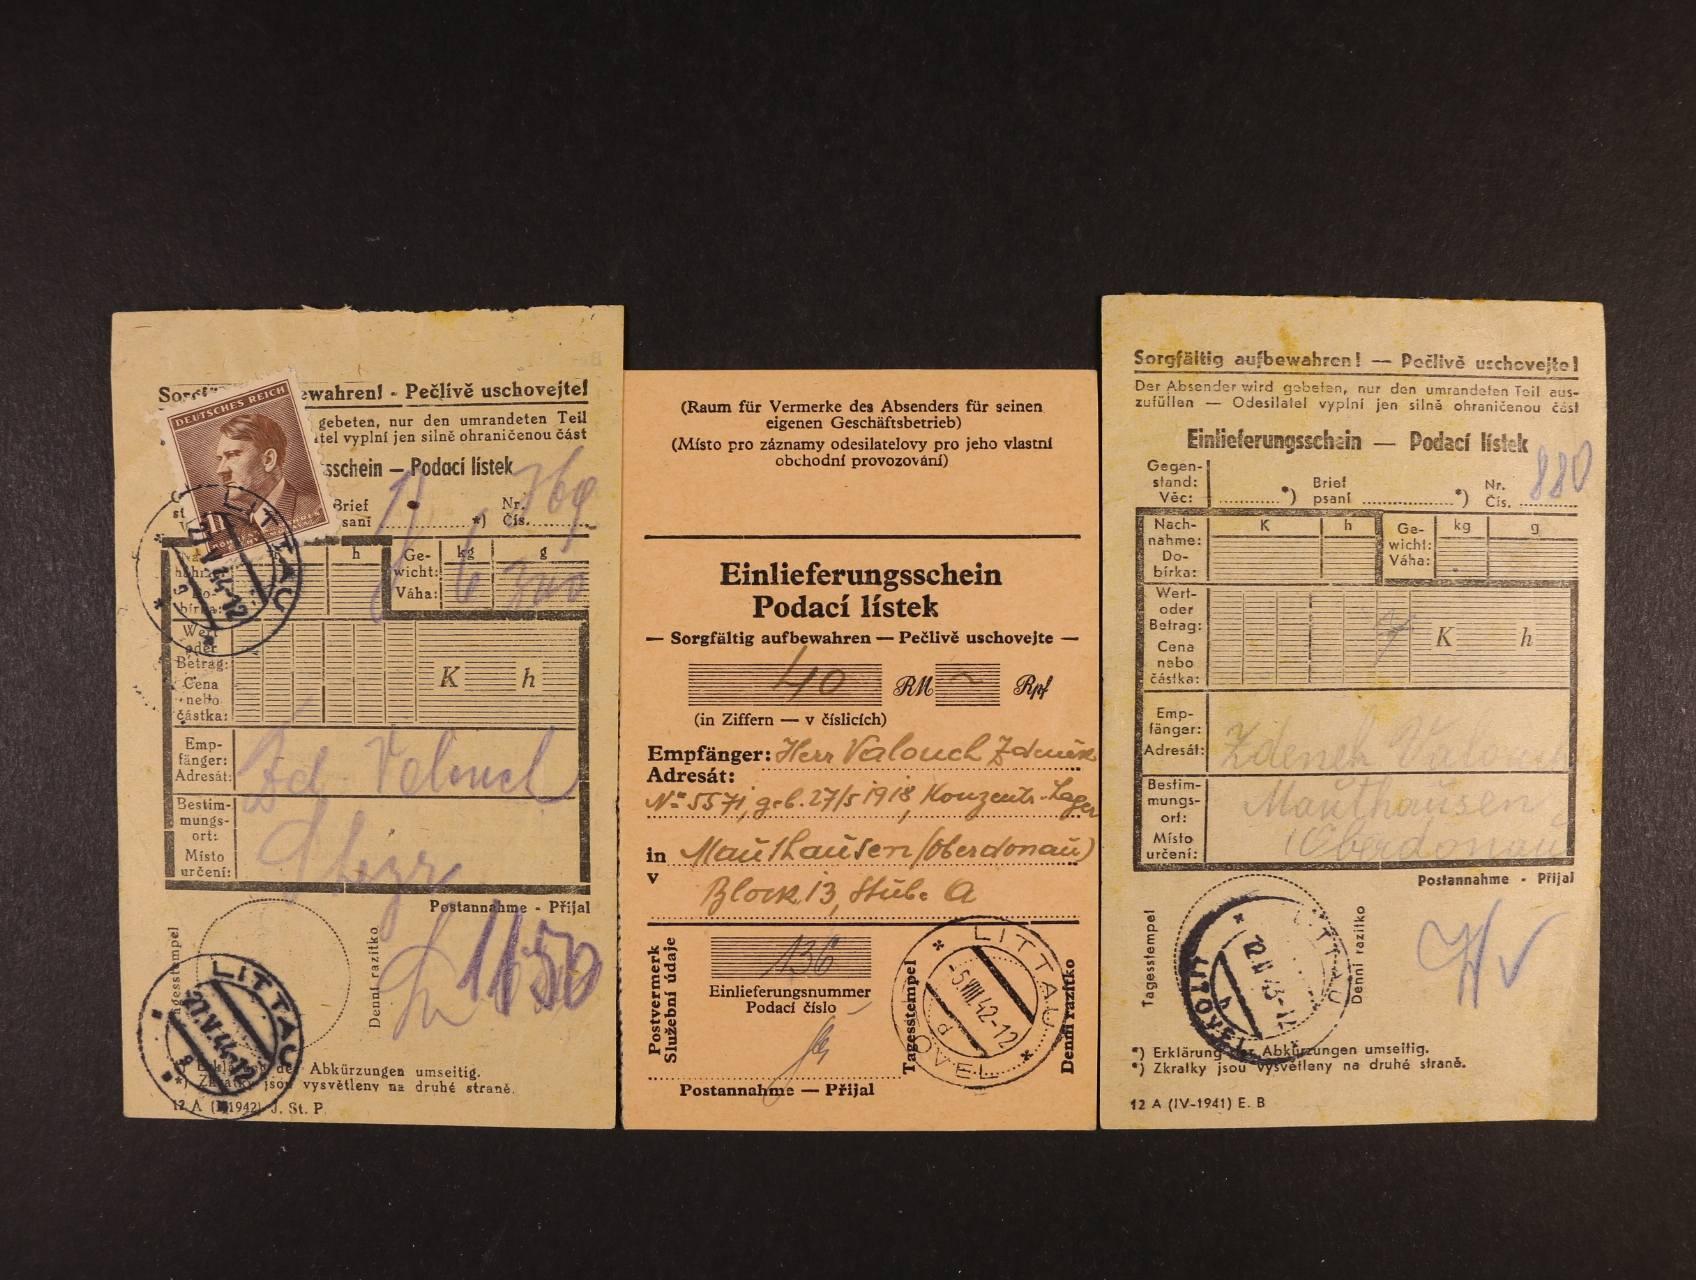 Maudhausen - 1x pod. lístek na dopis, 1x pod. lístek peněžní, 1x pod. lístek do KT Steyer